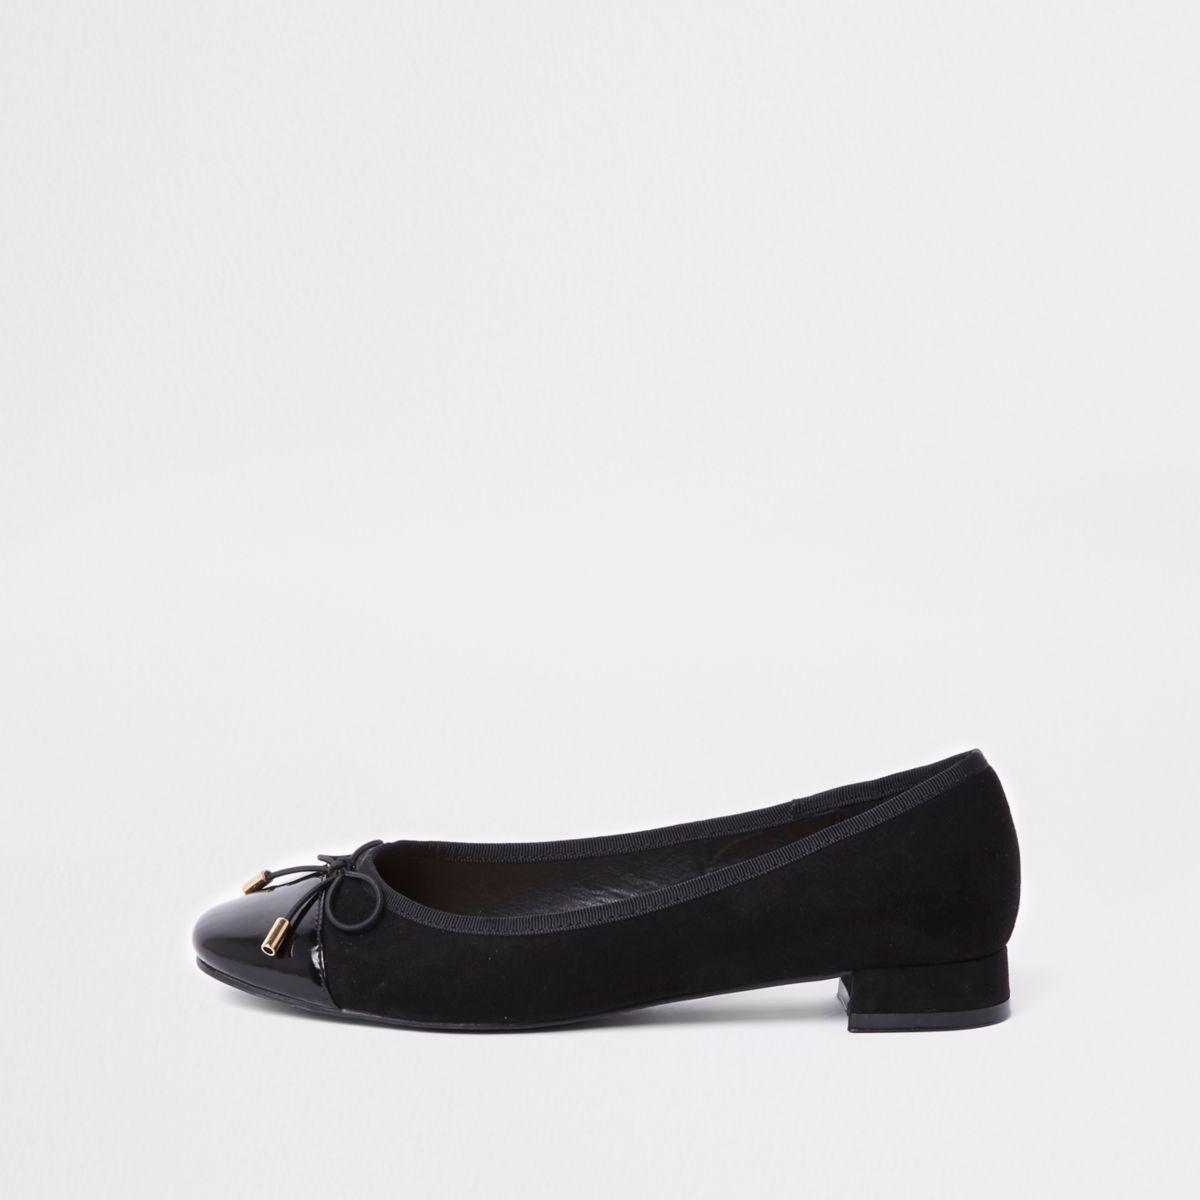 Zwarte ballerinapumps met strik